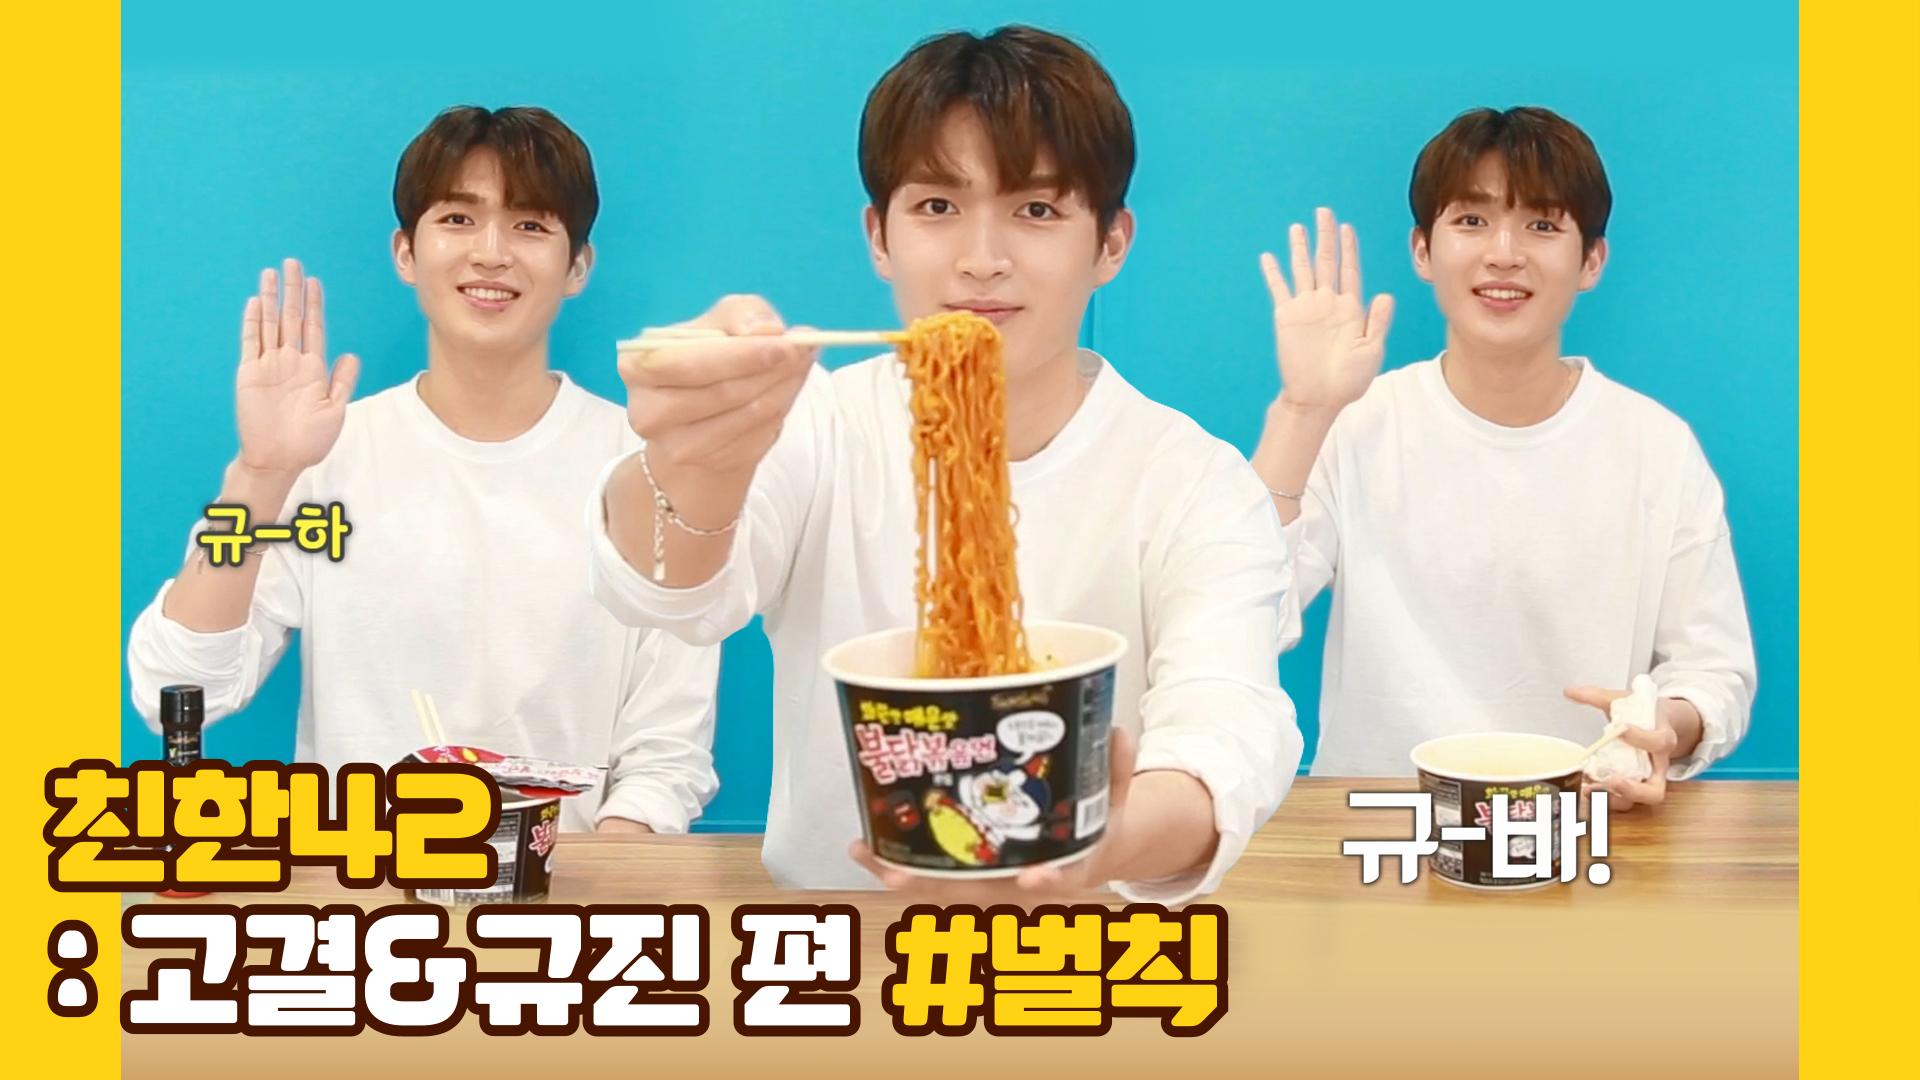 U10TV ep 259 - 업텐션의 친한42: 고결&규진 편 #벌칙